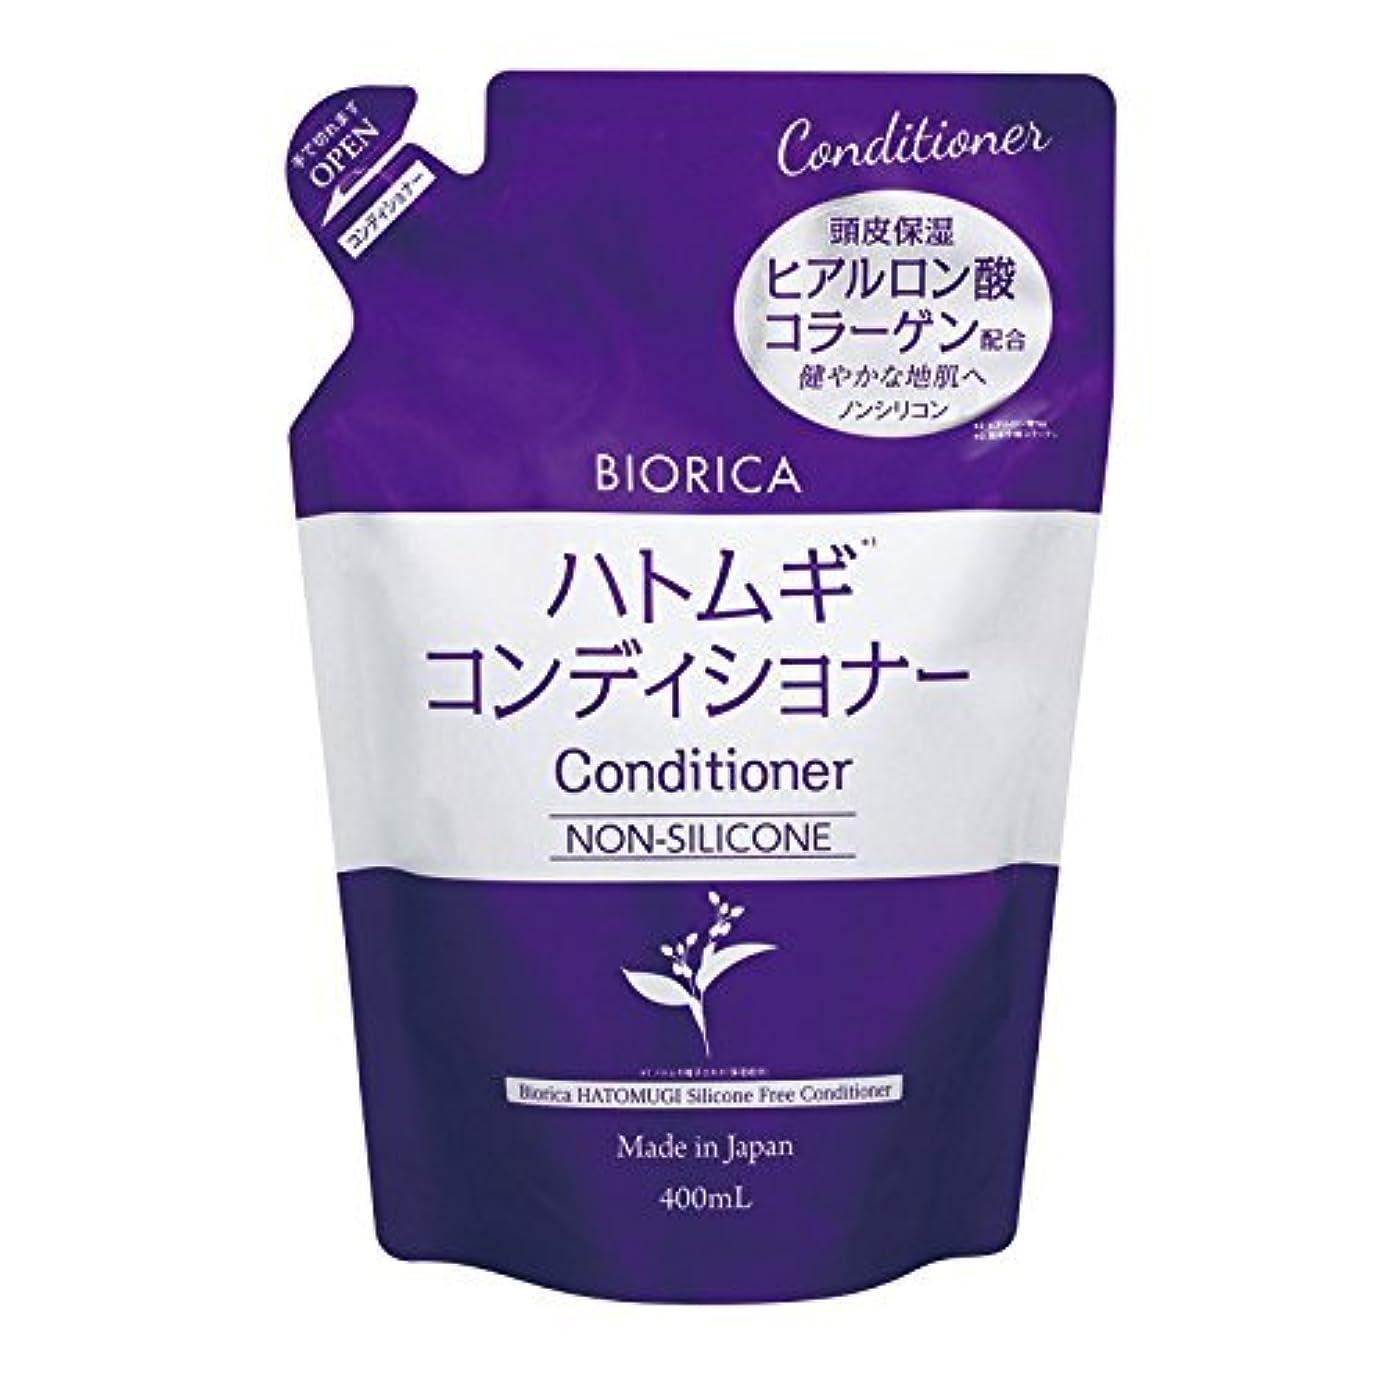 社会科尊敬する振動するBIORICA ビオリカ ハトムギ ノンシリコン コンディショナー 詰め替え フローラルの香り 400ml 日本製